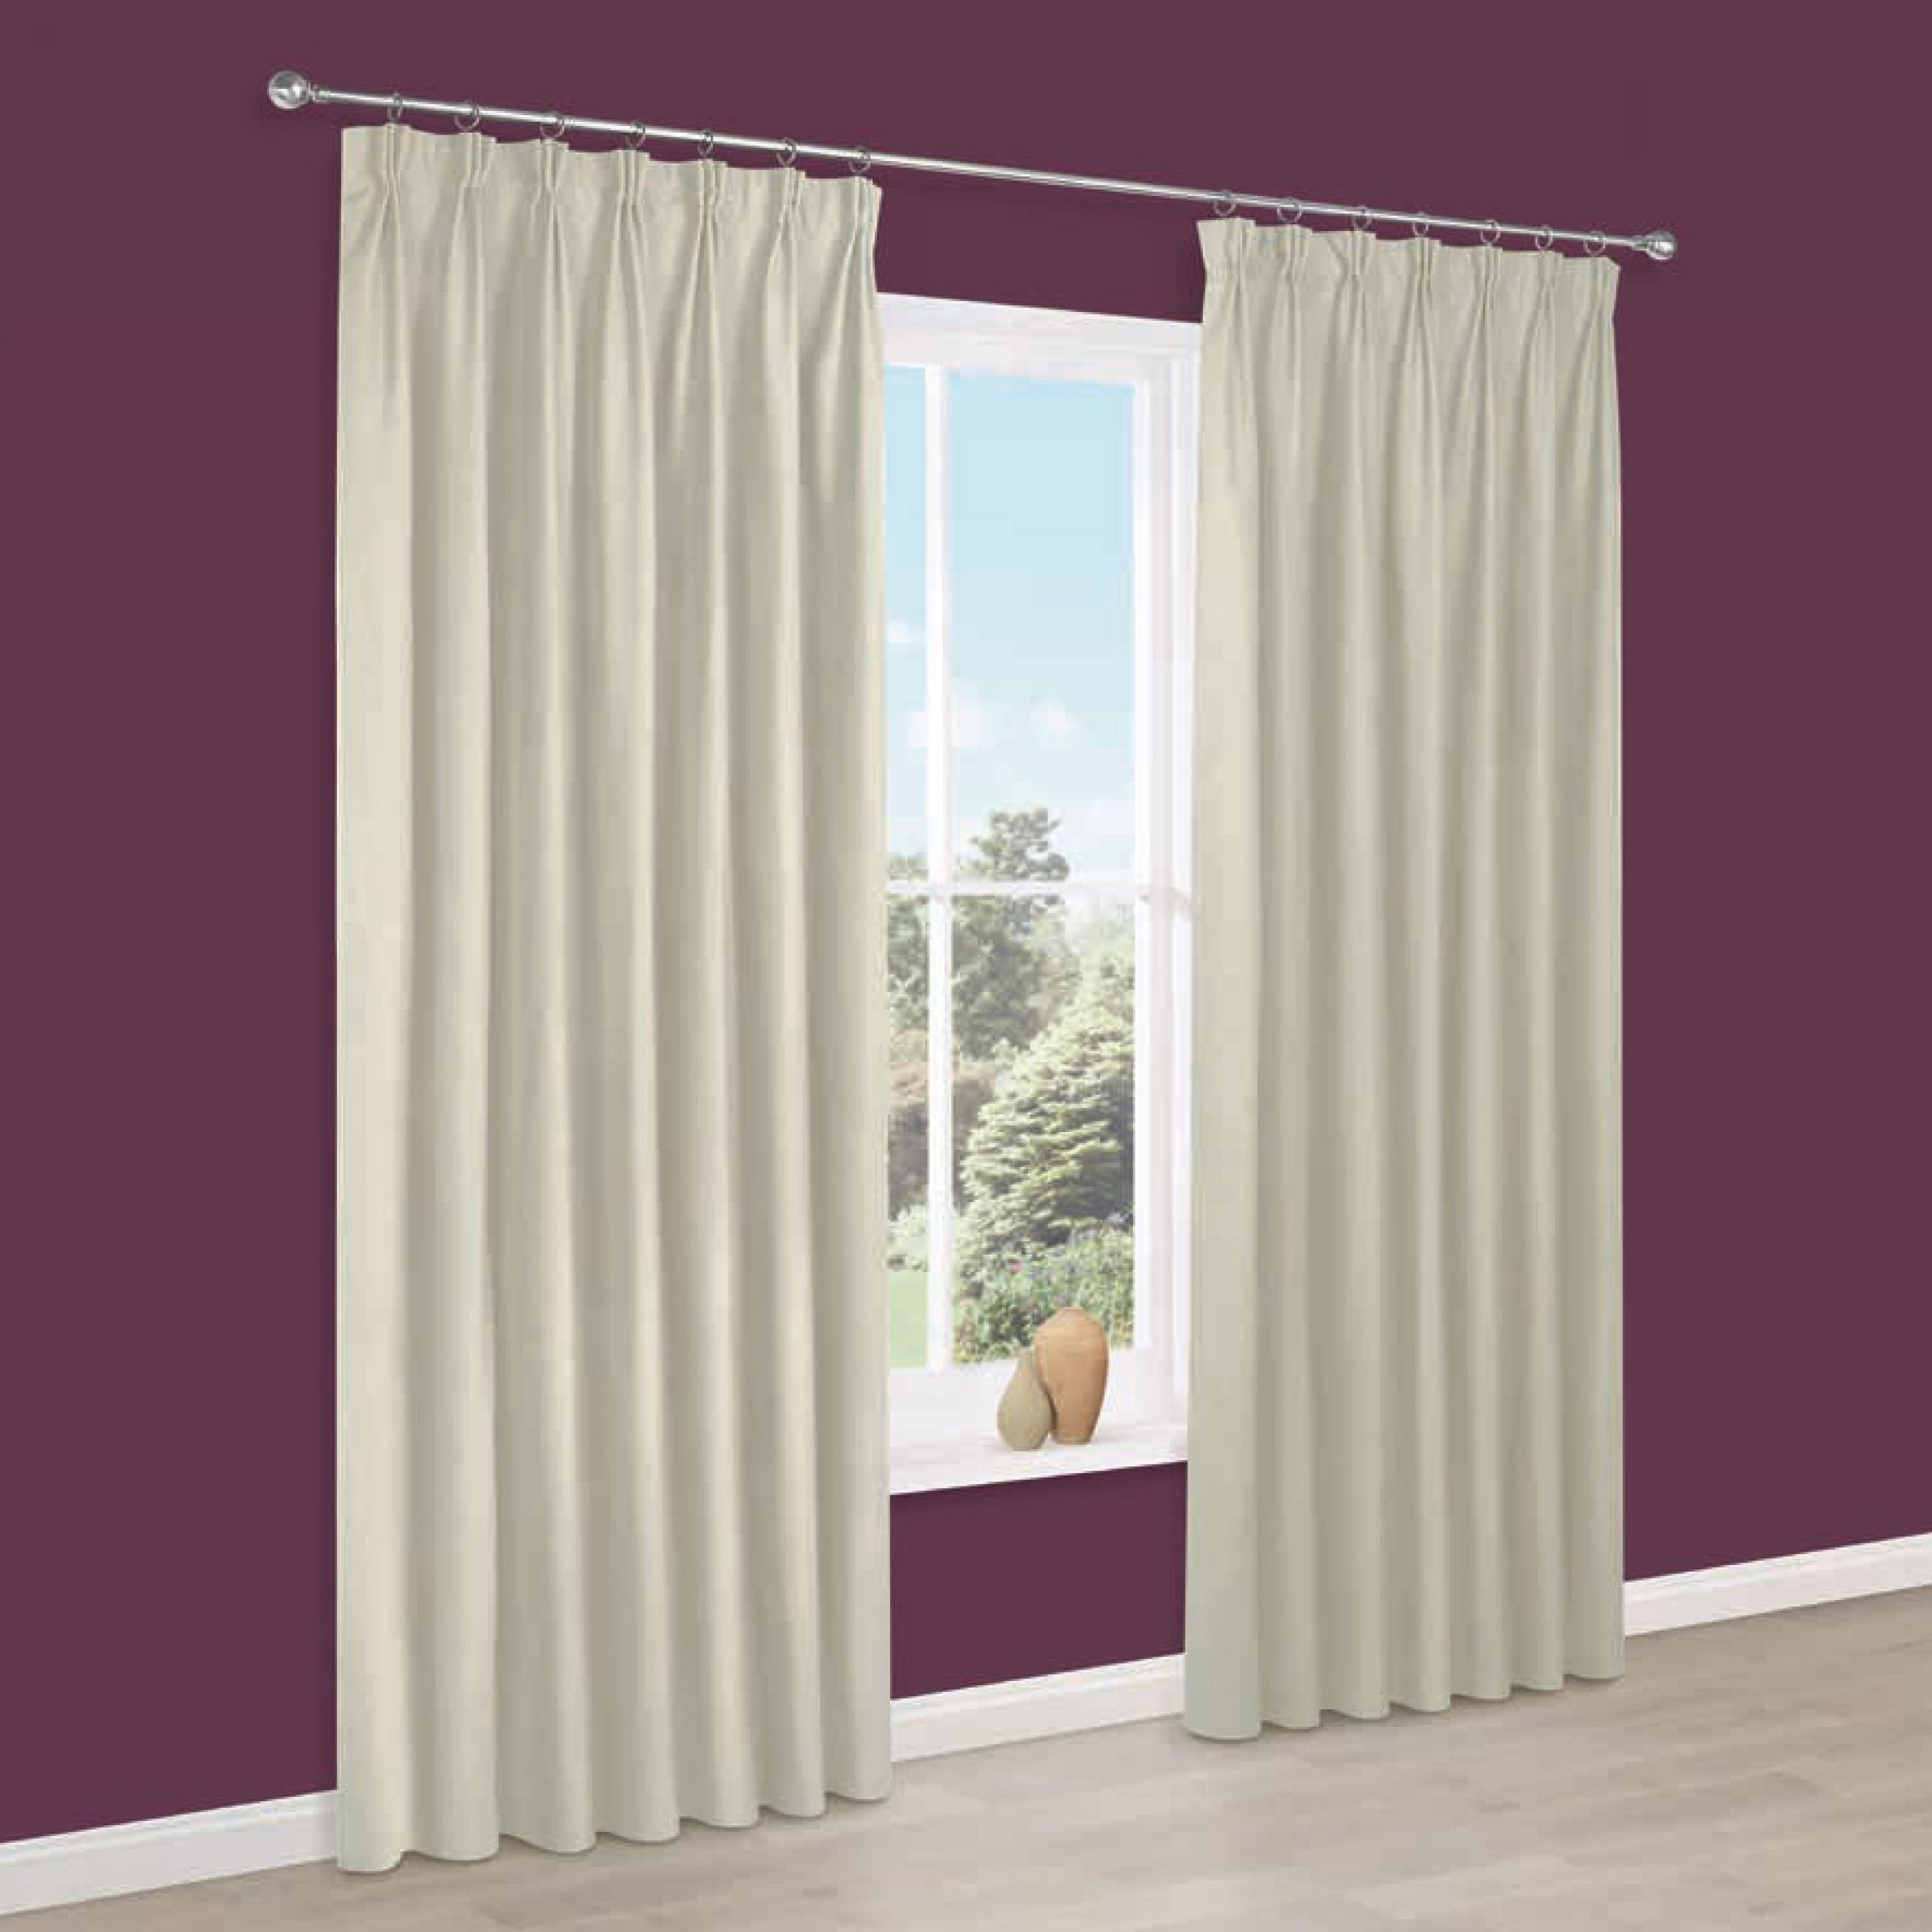 Prestige Cream Plain Pencil Pleat Lined Curtains (w)167 Cm (l)183 Cm